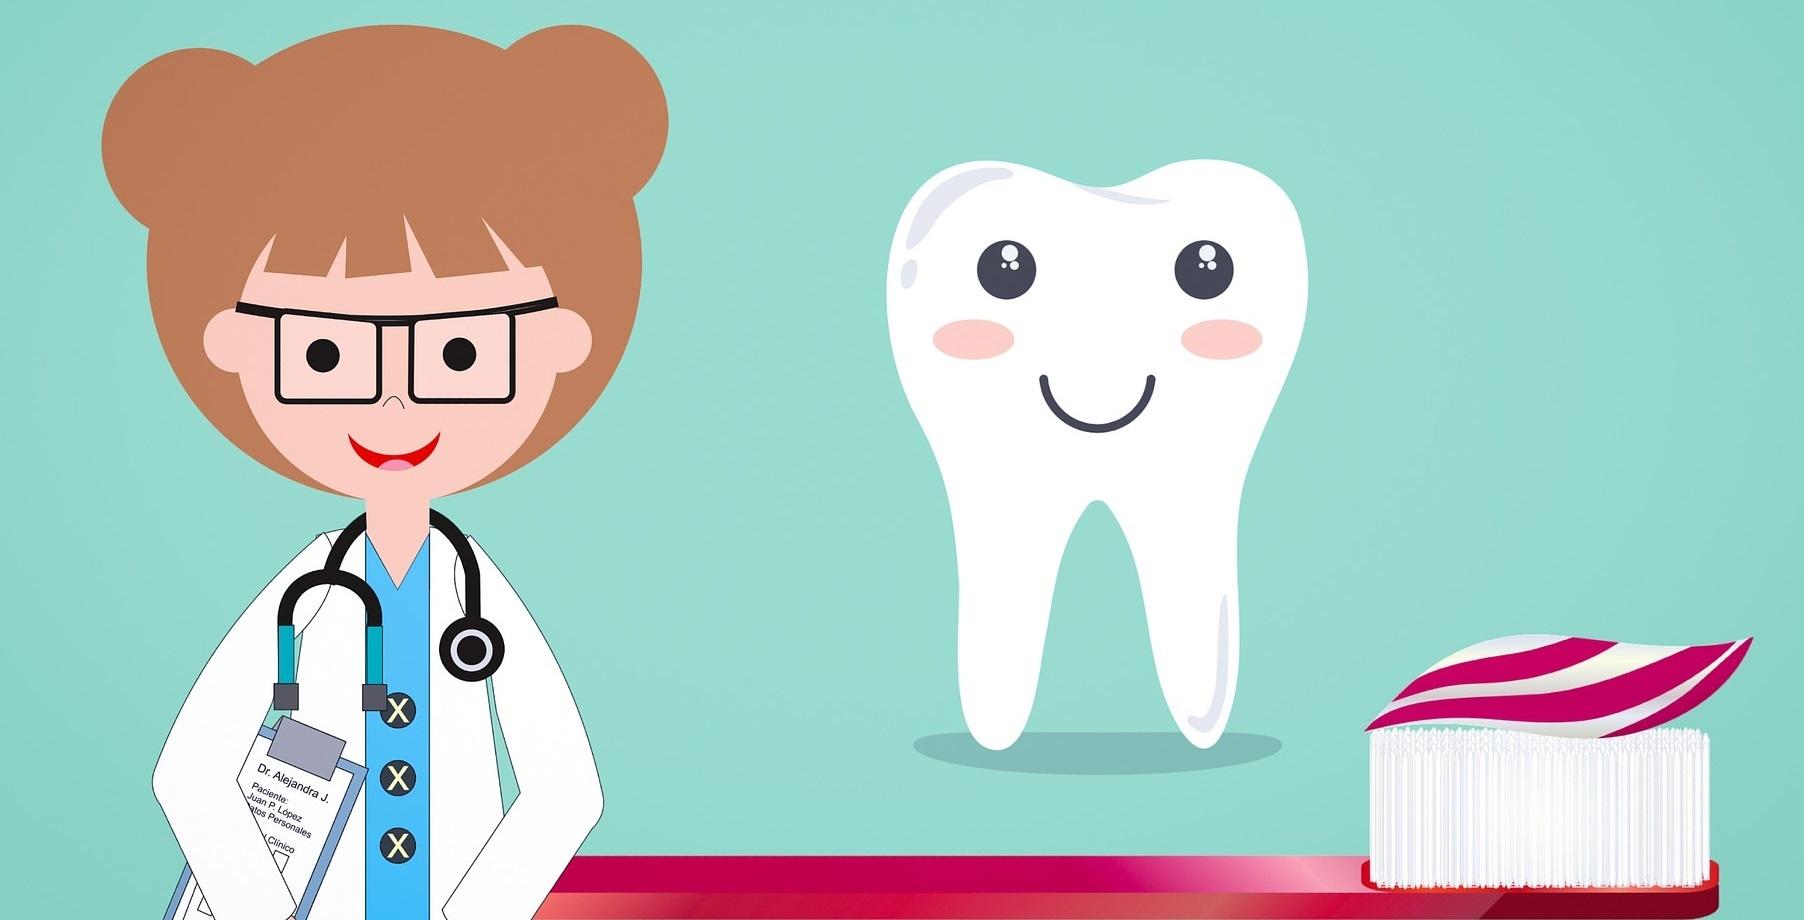 Zubaři zavírají ordinace – hygienické pomůcky pro jejich praxi se rozebraly na krajských úřadech